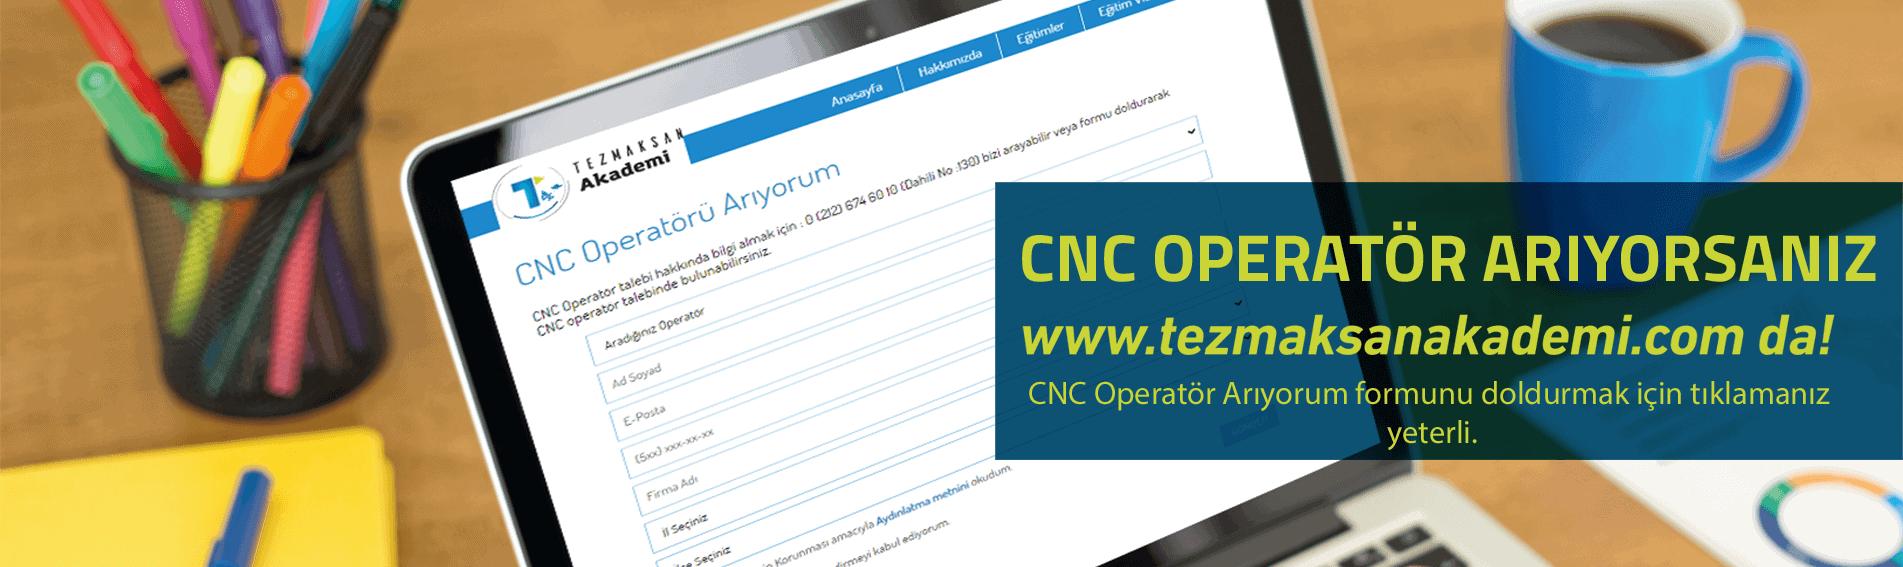 CNC Operatör mü arıyor sunuz?